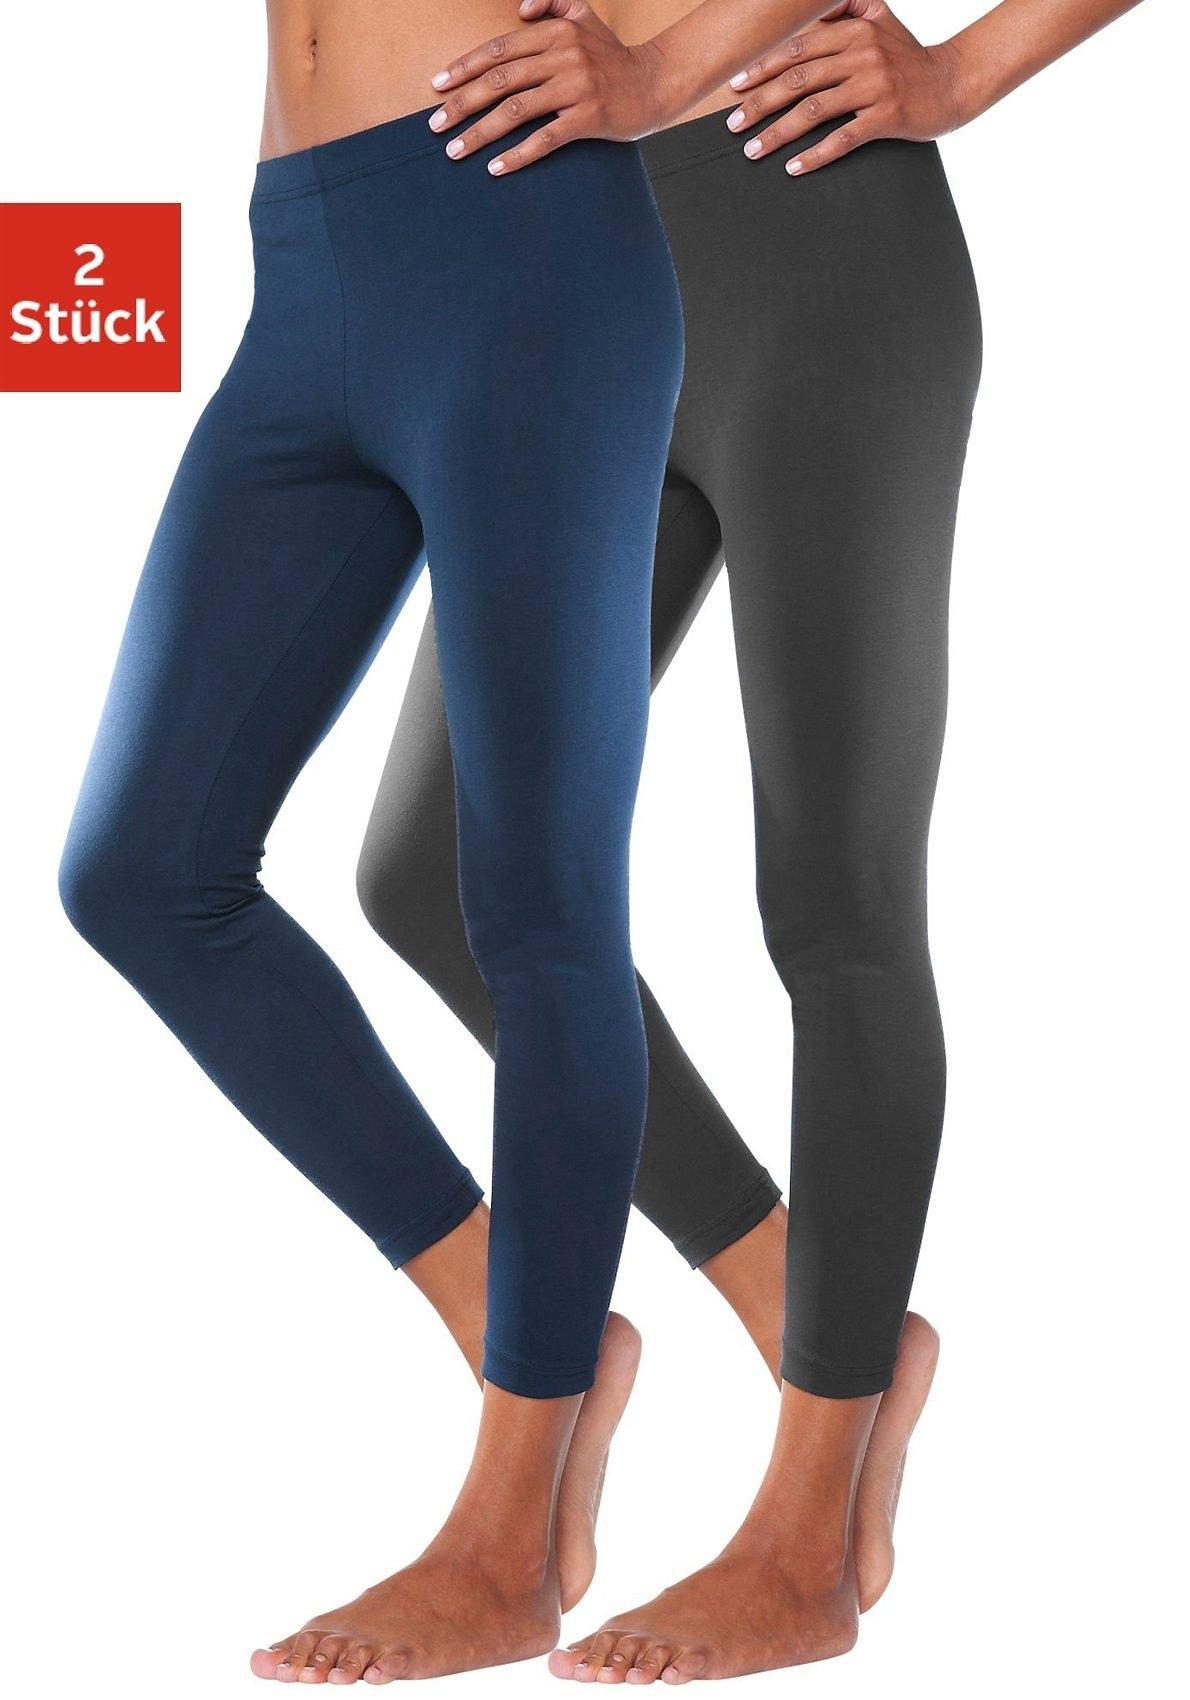 vivance active legging met elastische band (Set van 2) voordelig en veilig online kopen